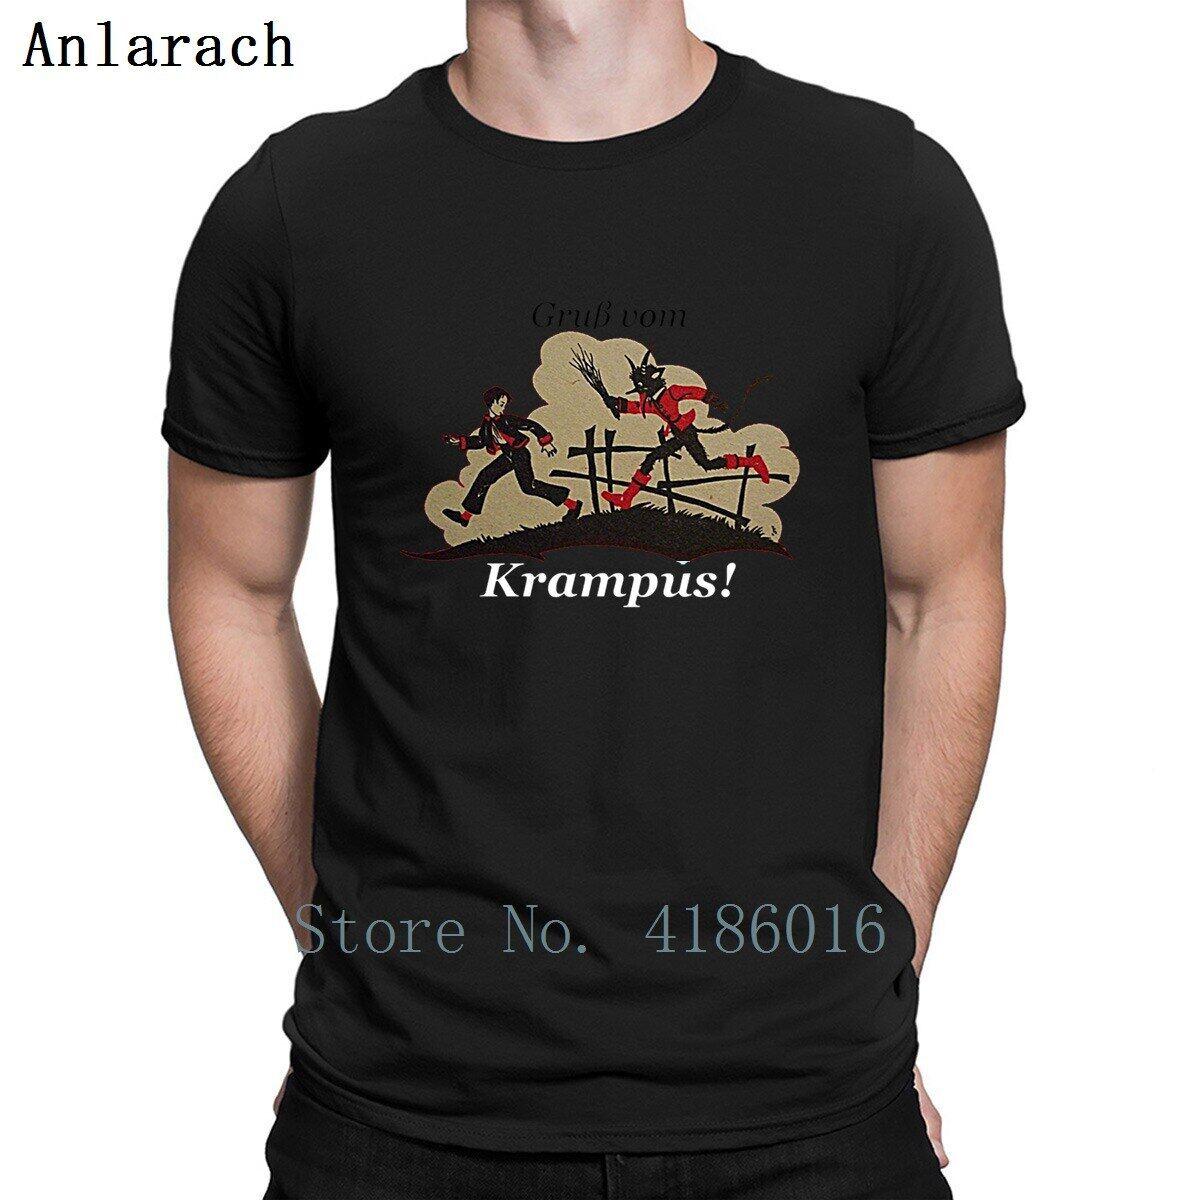 Gruss Vom Krampus T Áo sơ mi mùa xuân Thu màu rắn Kích thước S-5xl Tiêu chuẩn Cotton dễ thương Áo sơ mi nhân vật ngộ nghĩnh áo thun nữ Bông